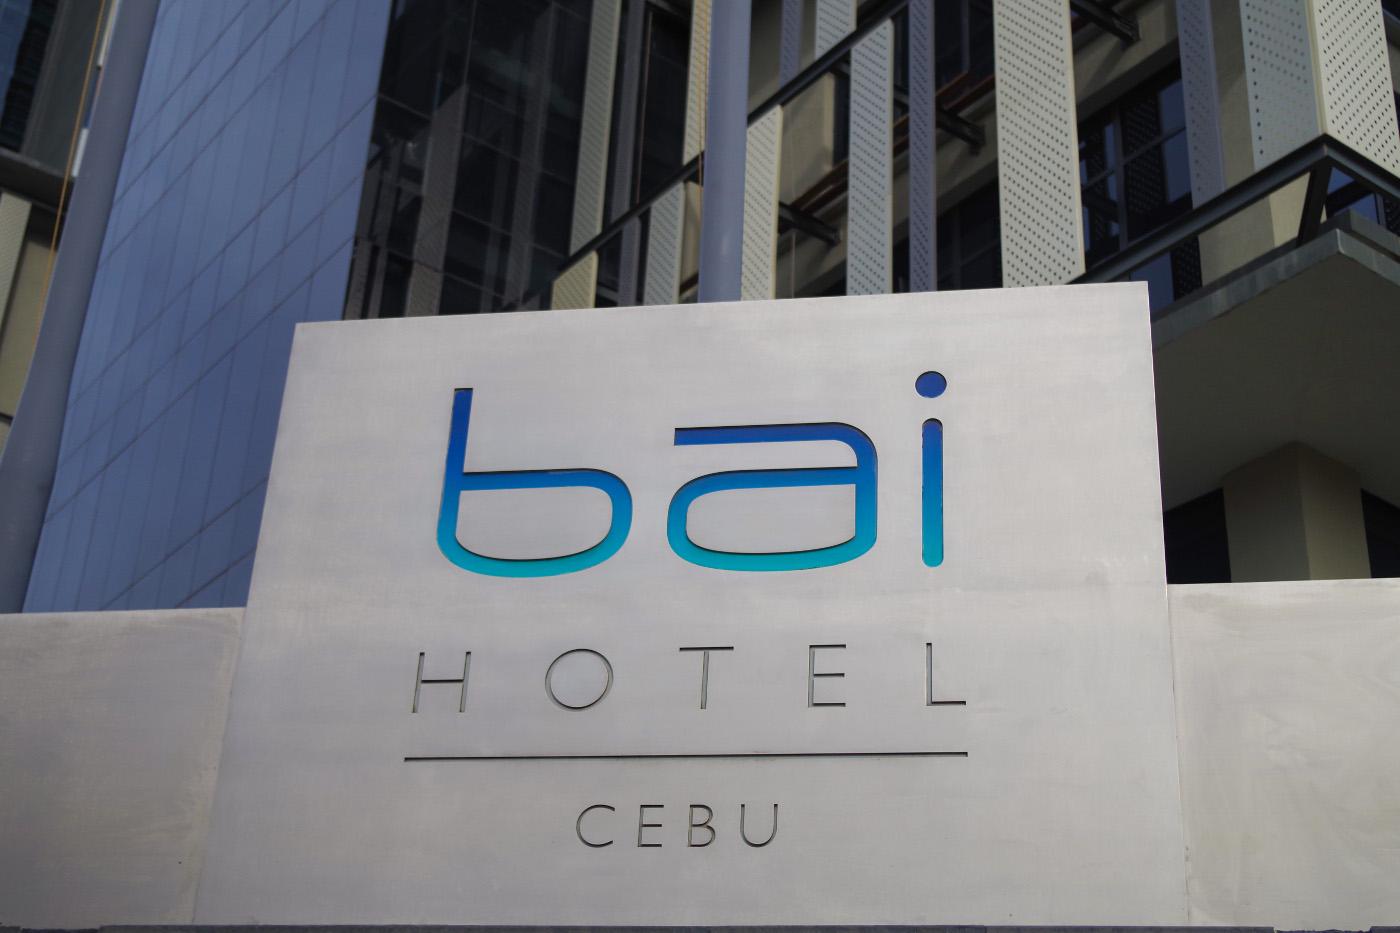 バイホテルの看板の写真